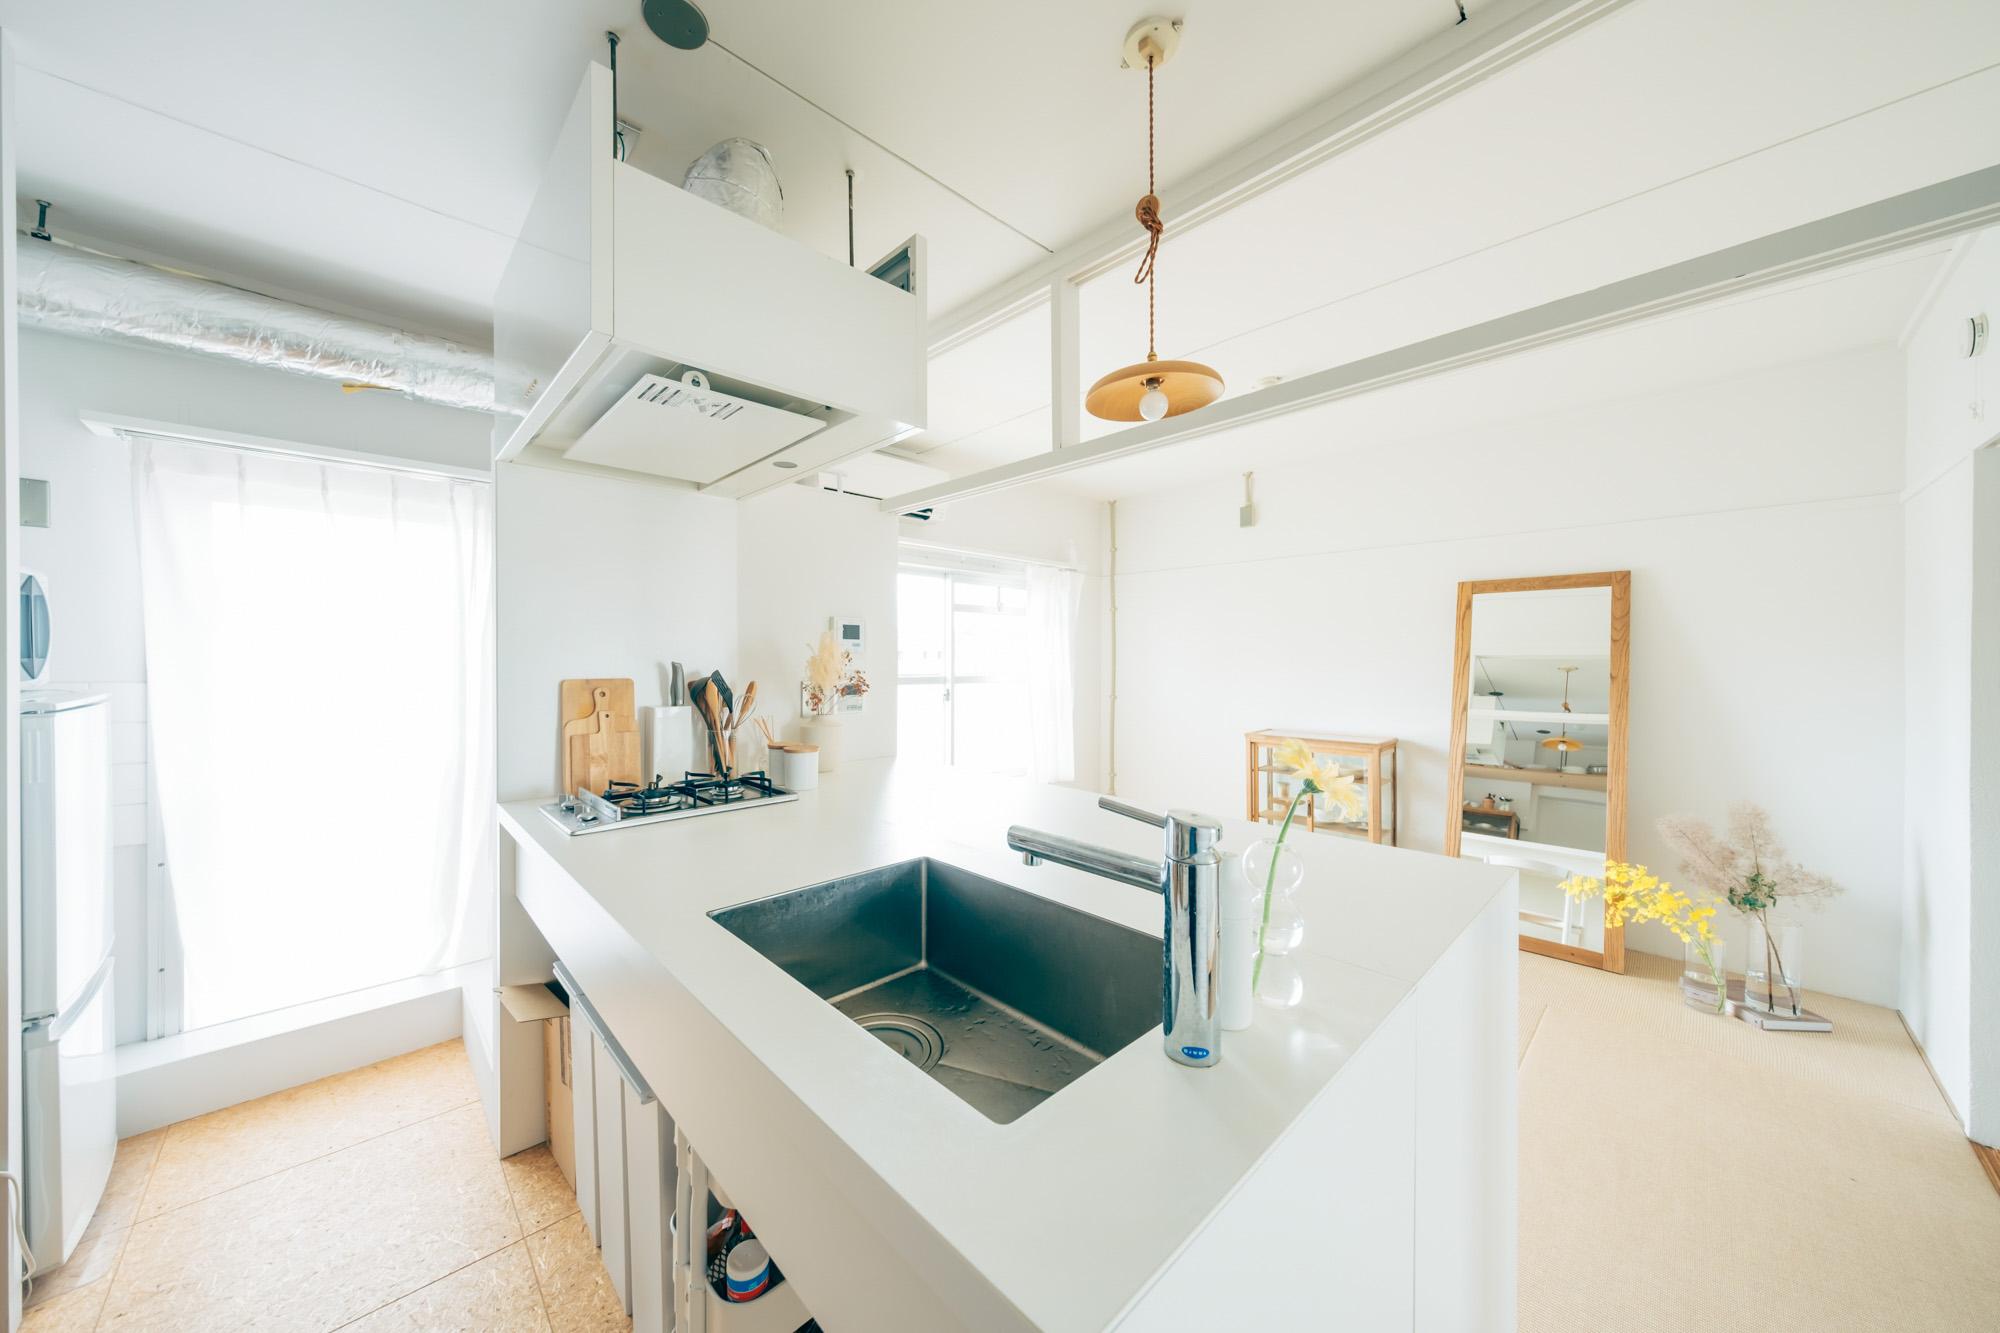 天板やカウンターテーブルの上には余計なものを置かずシンプルに保つことで、インテリアとしても映え、より使いやすそうに見えます。確かに、これは羨ましくなってしまうキッチンですね。